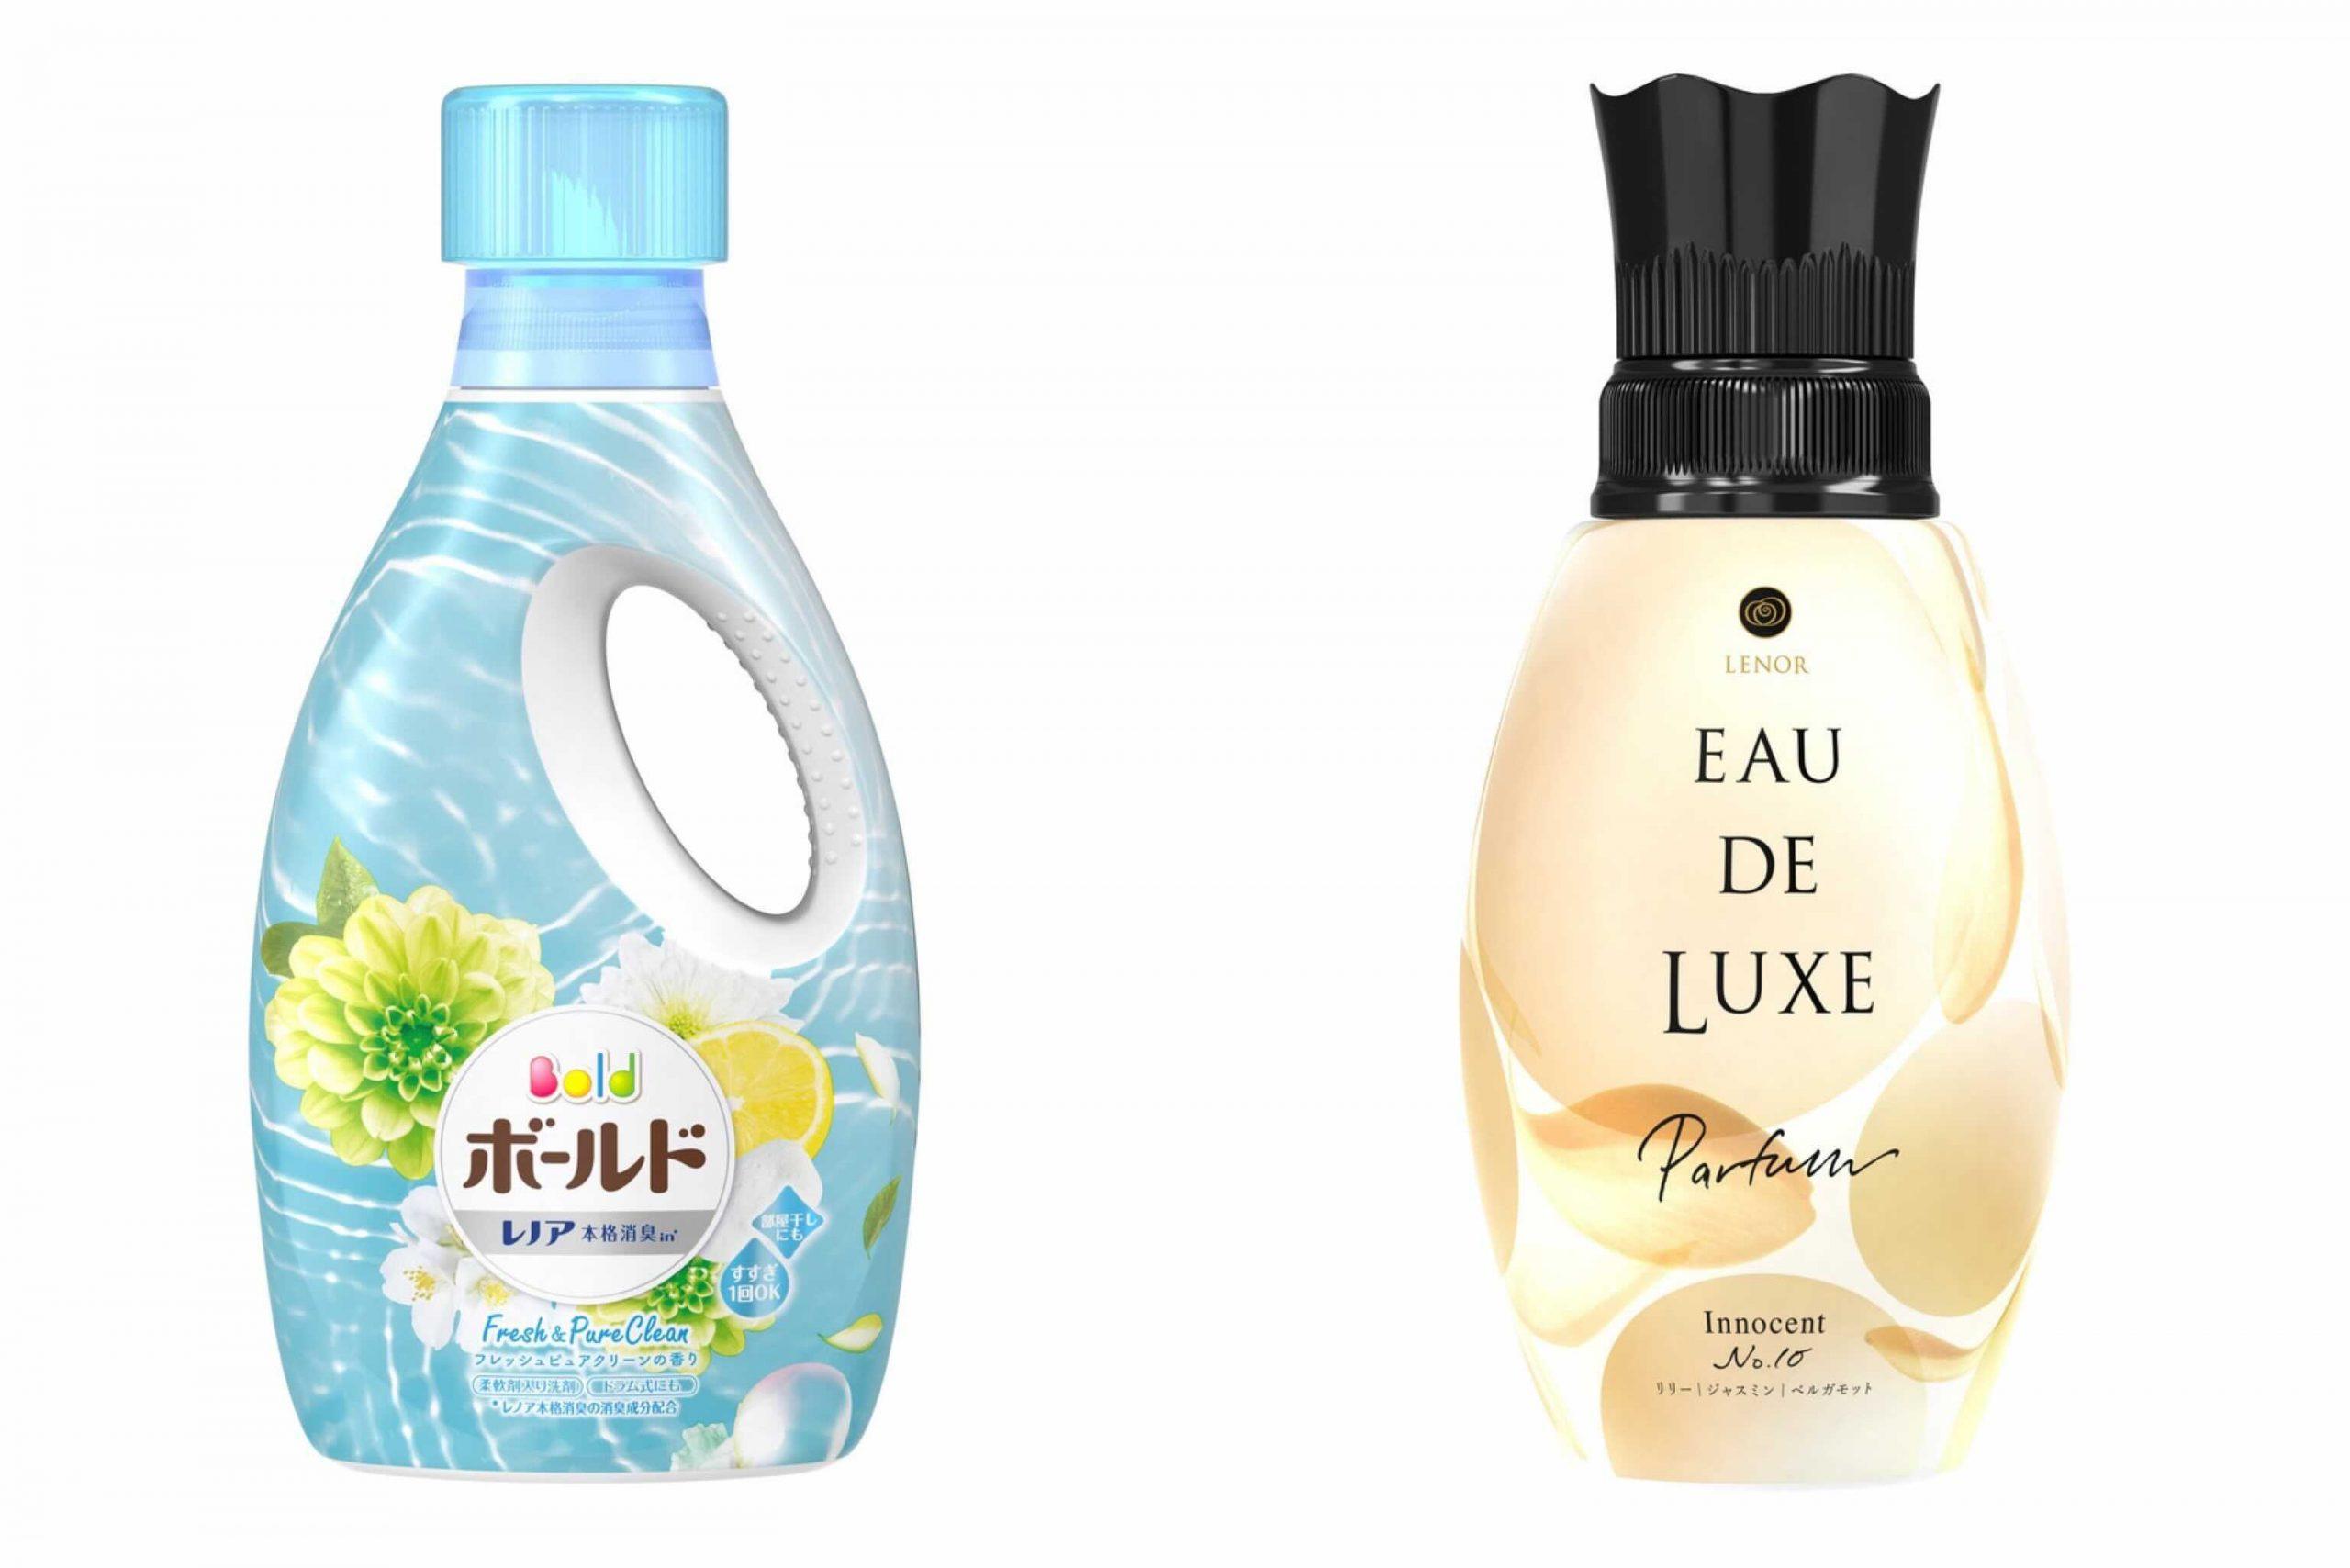 洗濯洗剤と柔軟剤を《いい香り重視》で組み合わせを選ぶなら